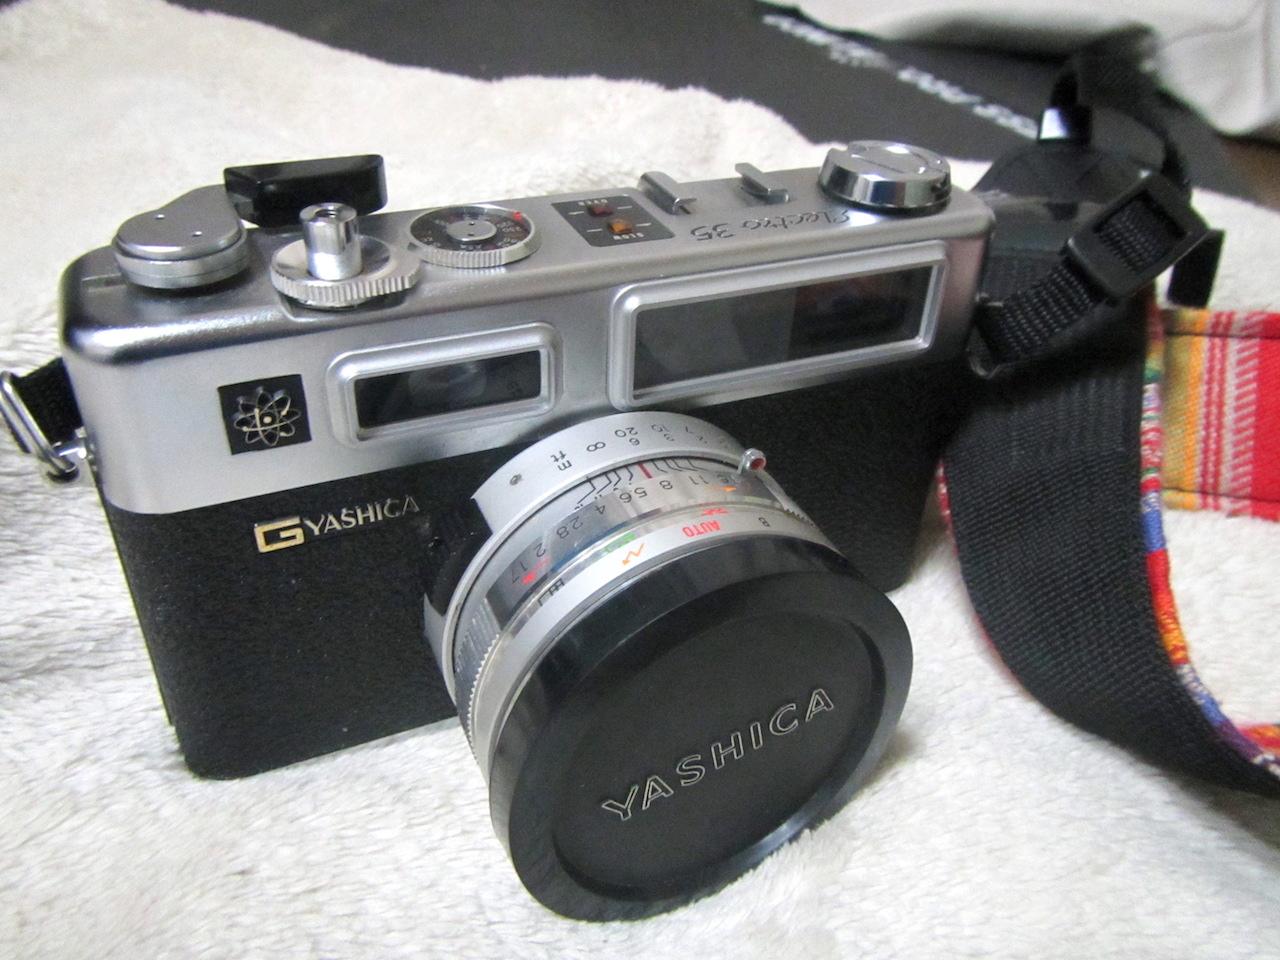 Yashica Electro 35GS